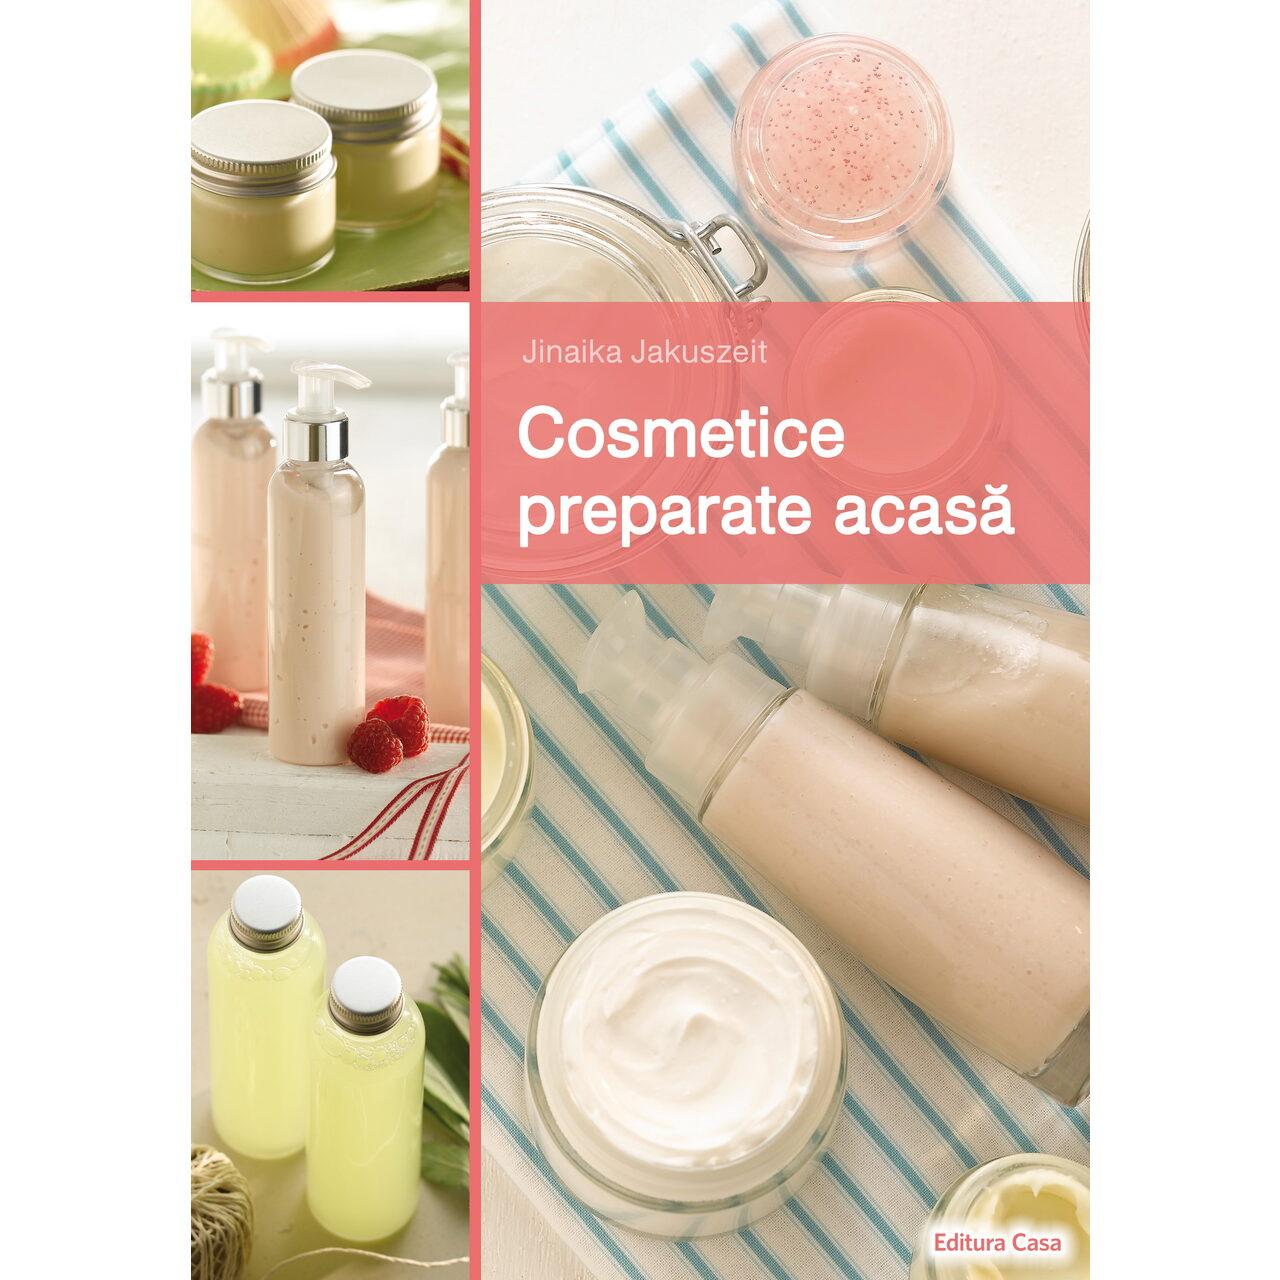 Cosmetice preparate acasă imagine edituracasa.ro